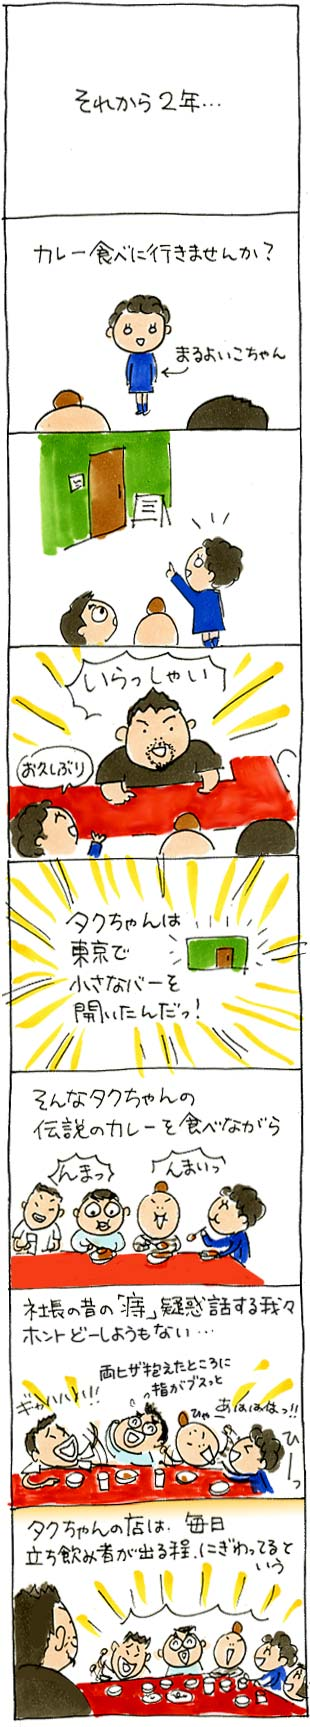 タクちゃん03